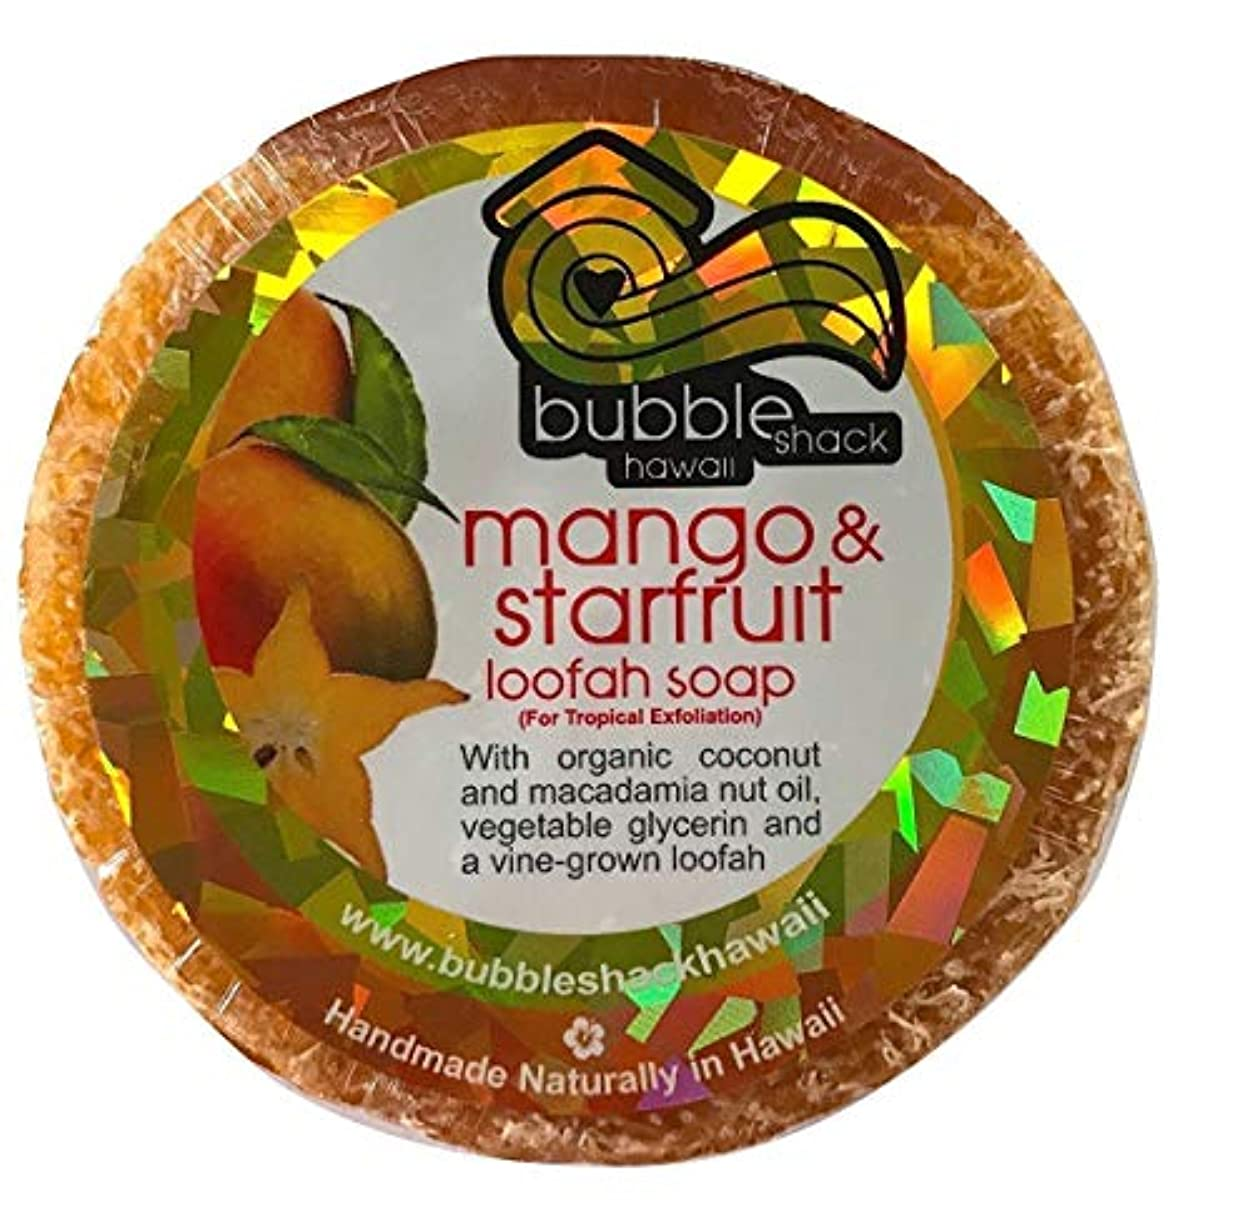 対話ピストンめるハワイアン雑貨/ハワイ 雑貨【バブルシャック】Bubble Shack Hawaii ルーファーソープ(マンゴ&スターフルーツ) 【お土産】